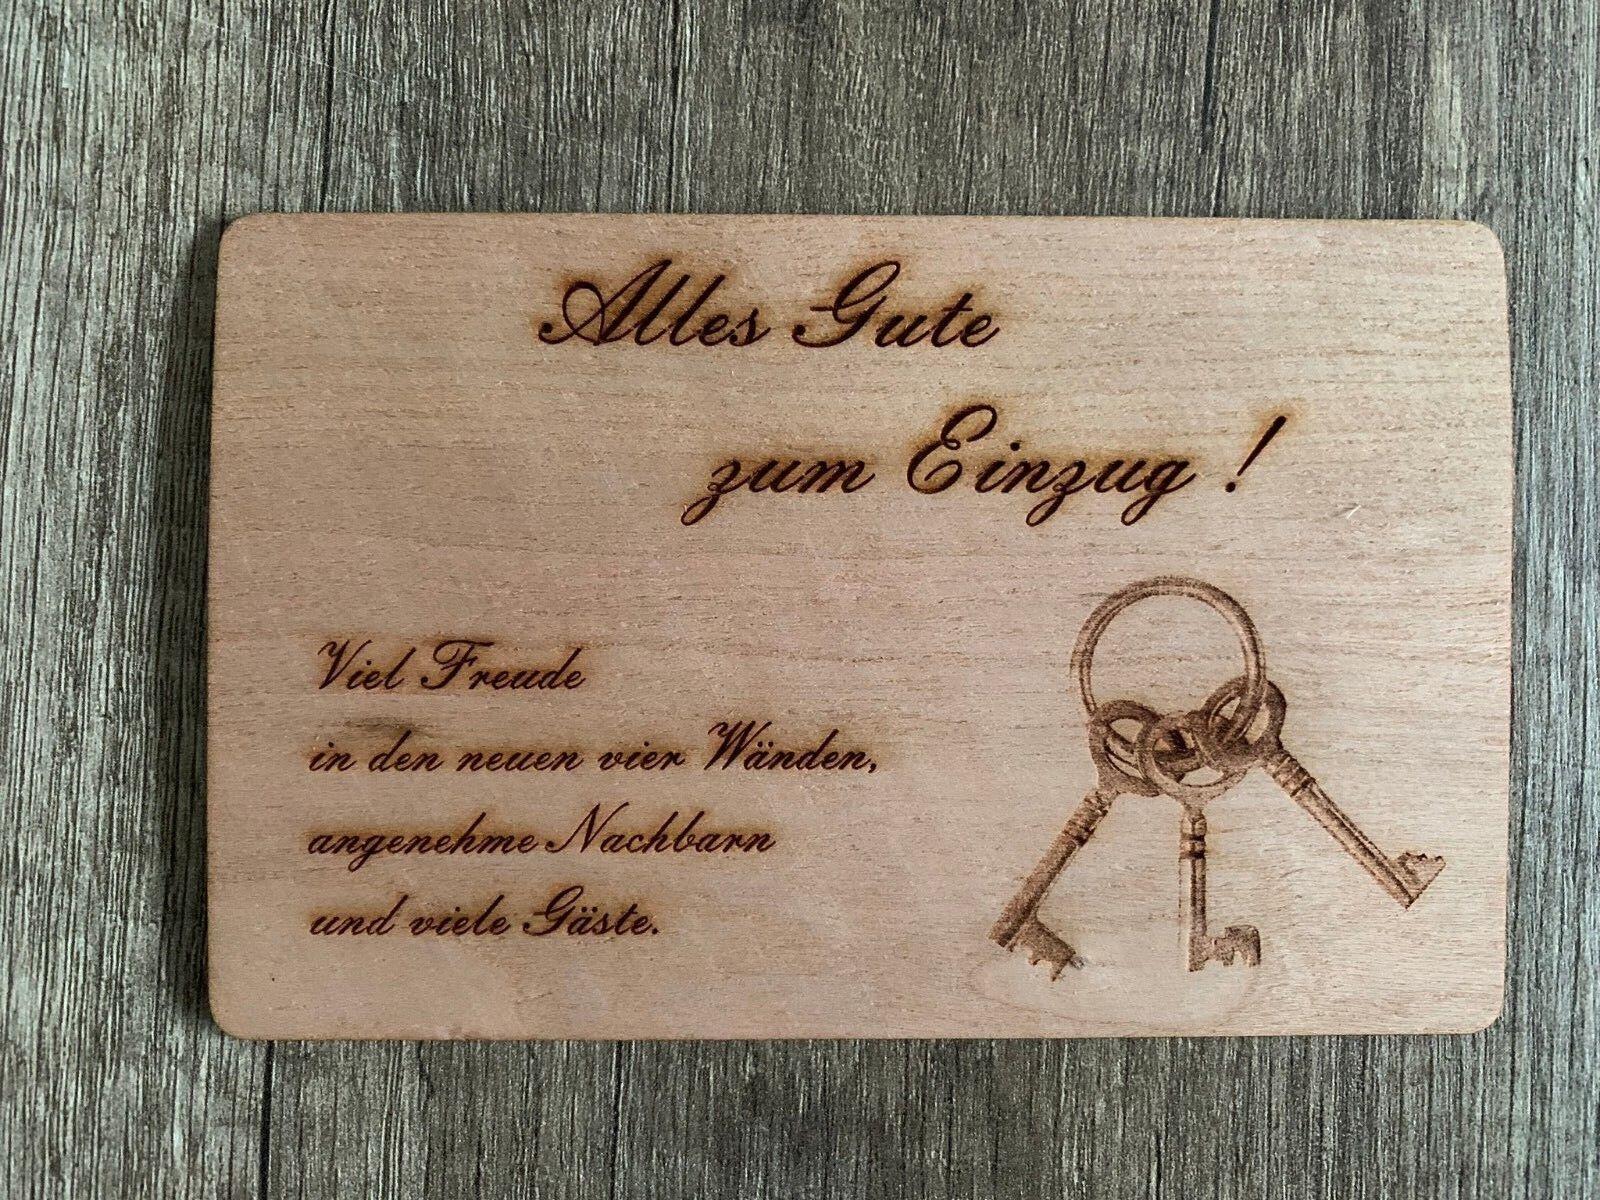 Grußkarte Aus Holz Geschenk Karte Geschenkkarte Einzug Heim Haus Umzug Schlüssel Ebay